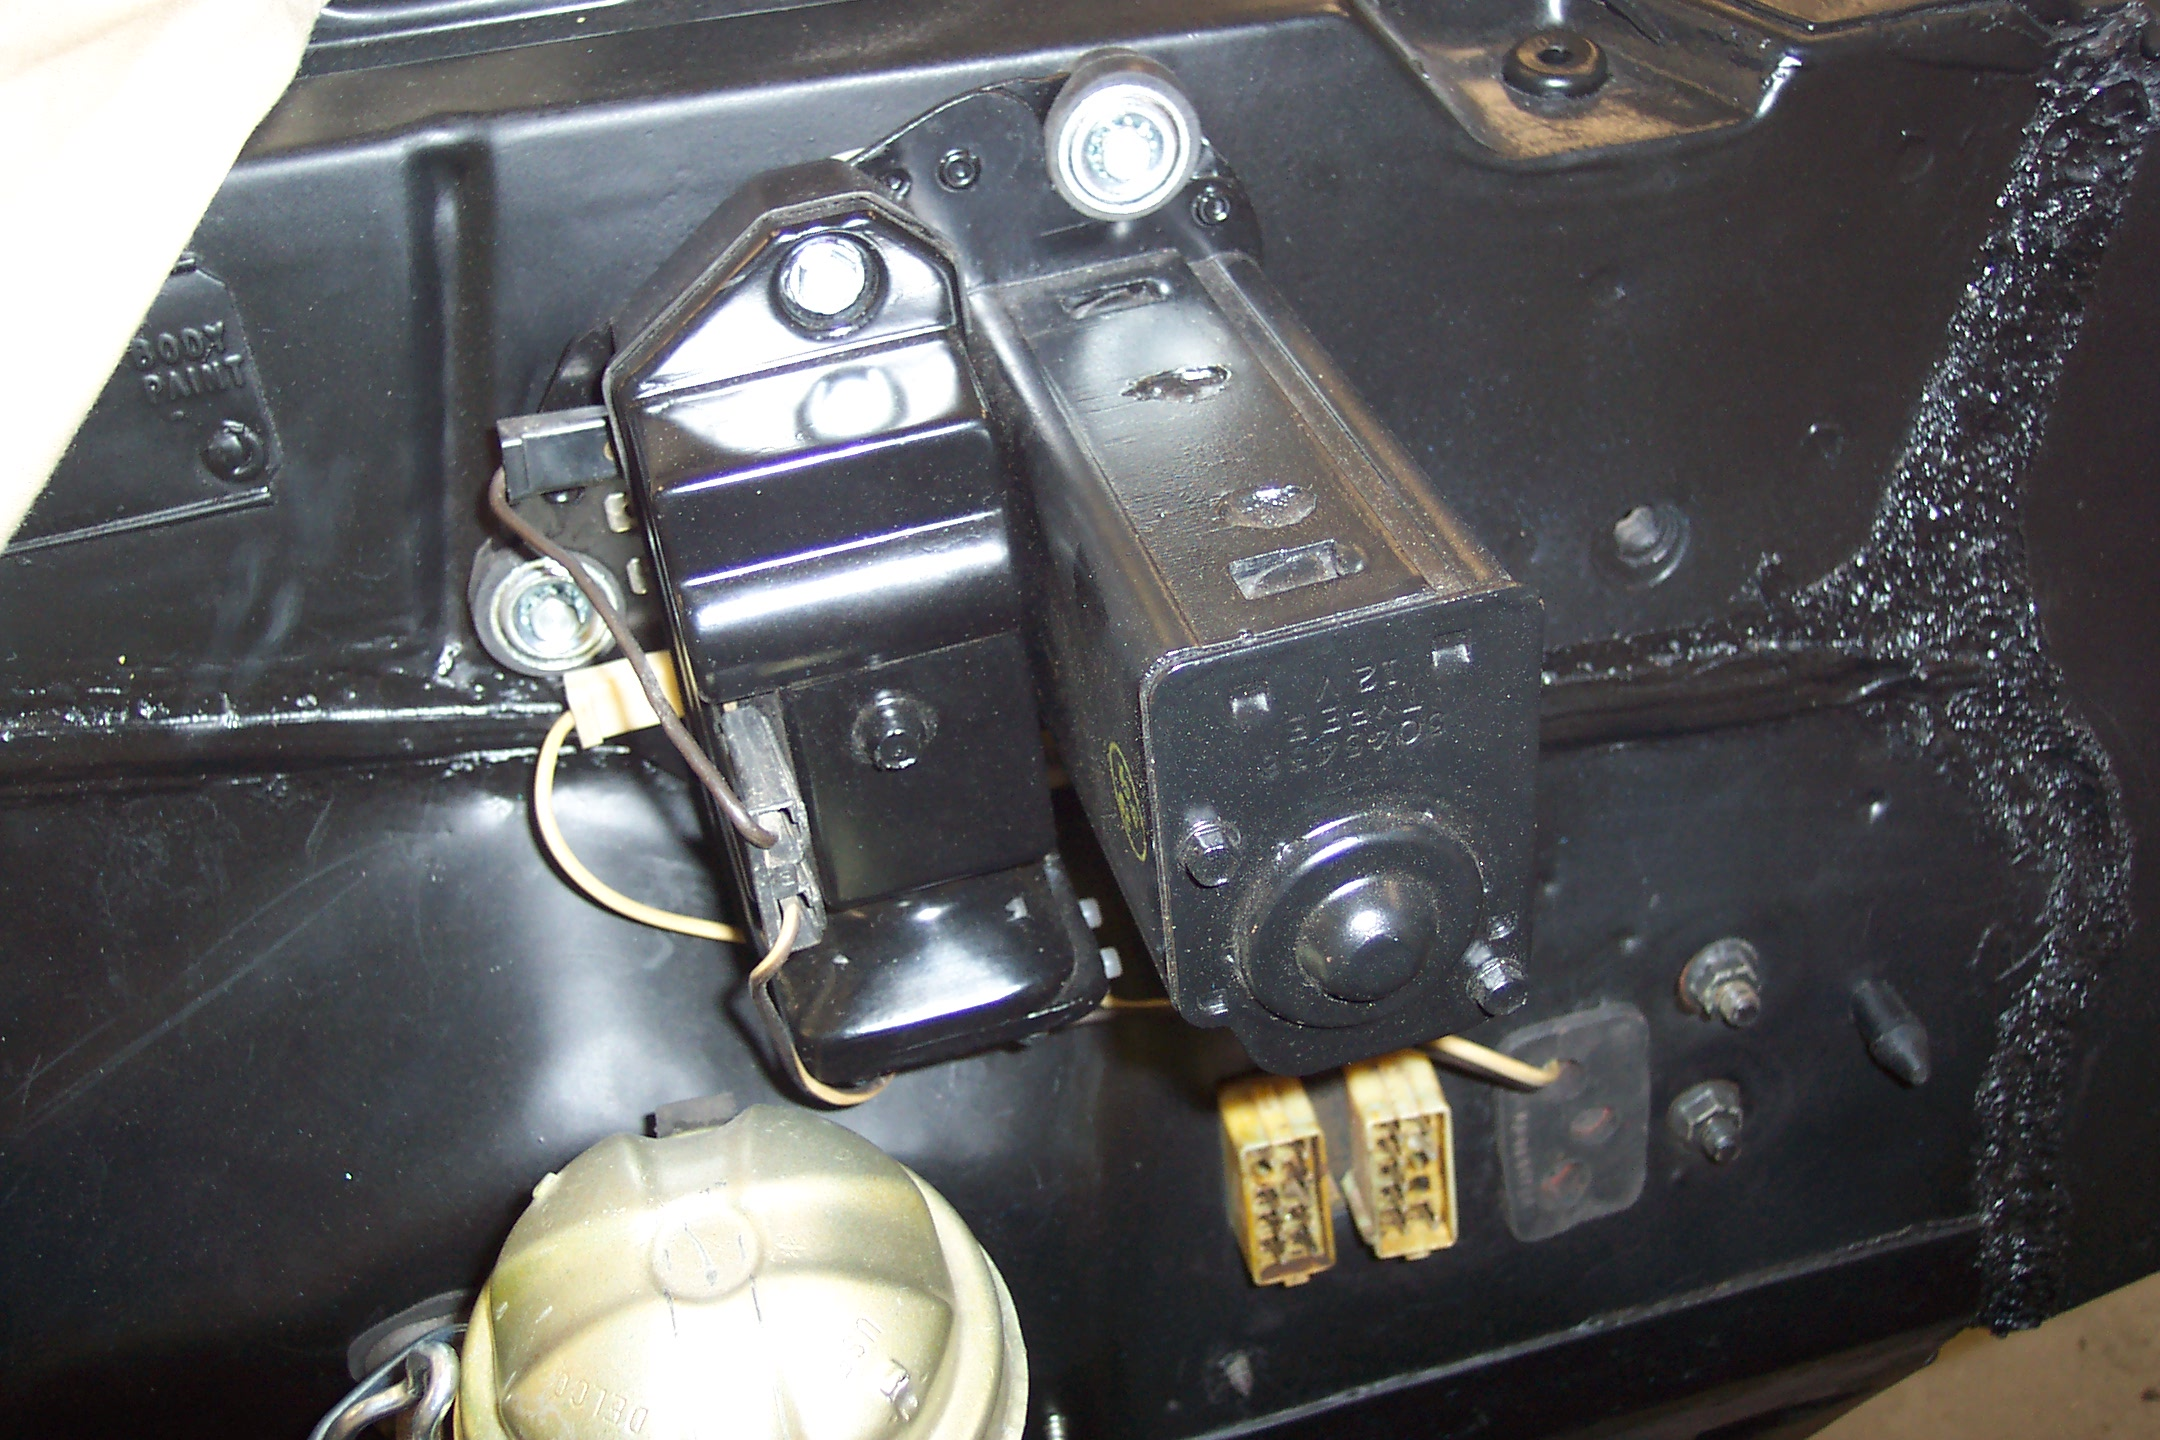 64 wiper switch wiring   Pontiac GTO ForumPontiac GTO Forum